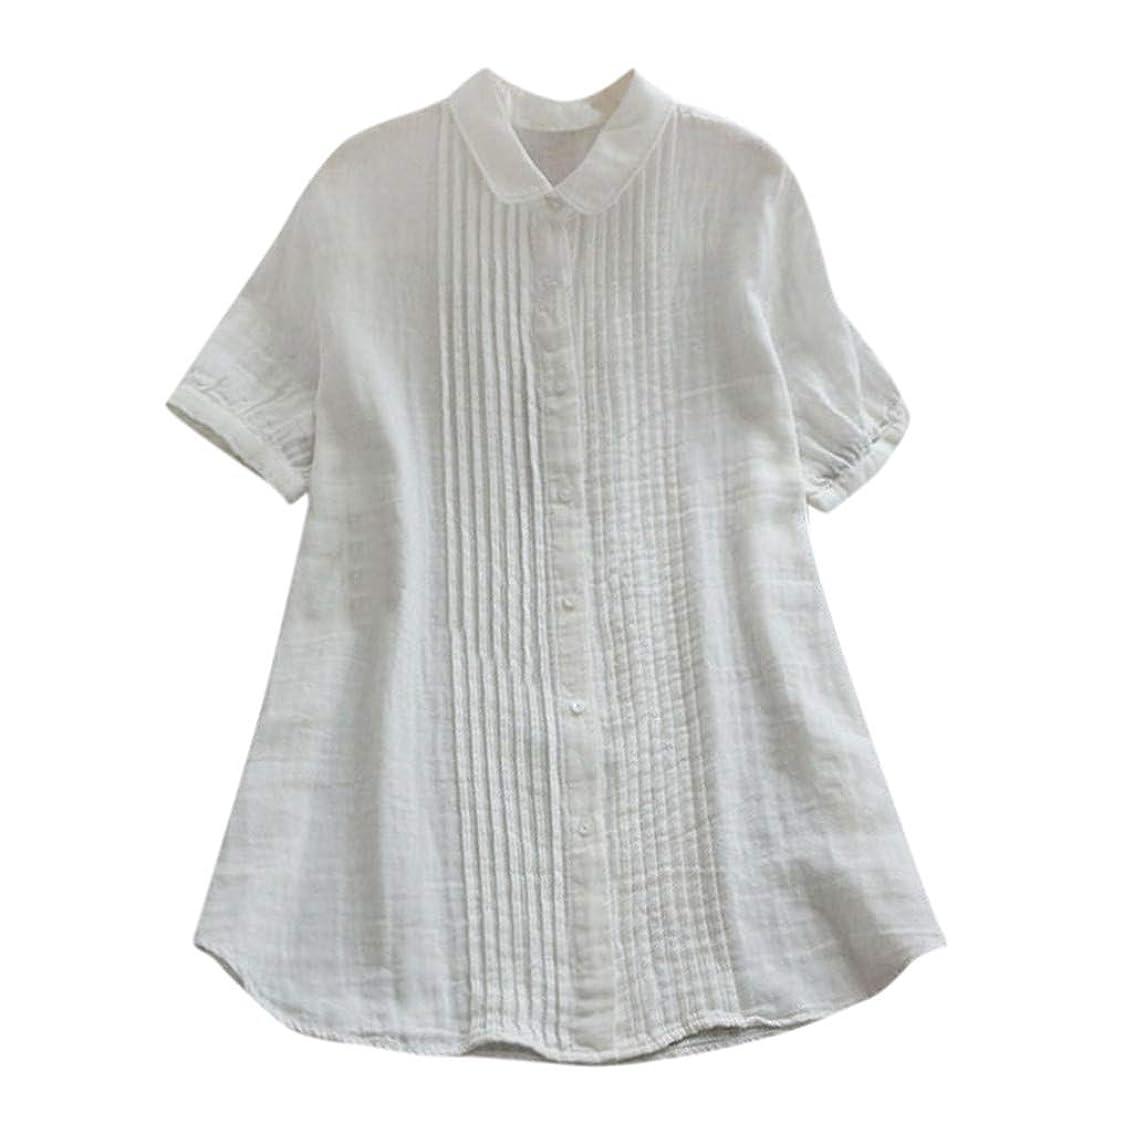 壊すカンガルーチェリー女性の半袖Tシャツ - ピーターパンカラー夏緩い無地カジュアルダウントップスブラウス (白, S)